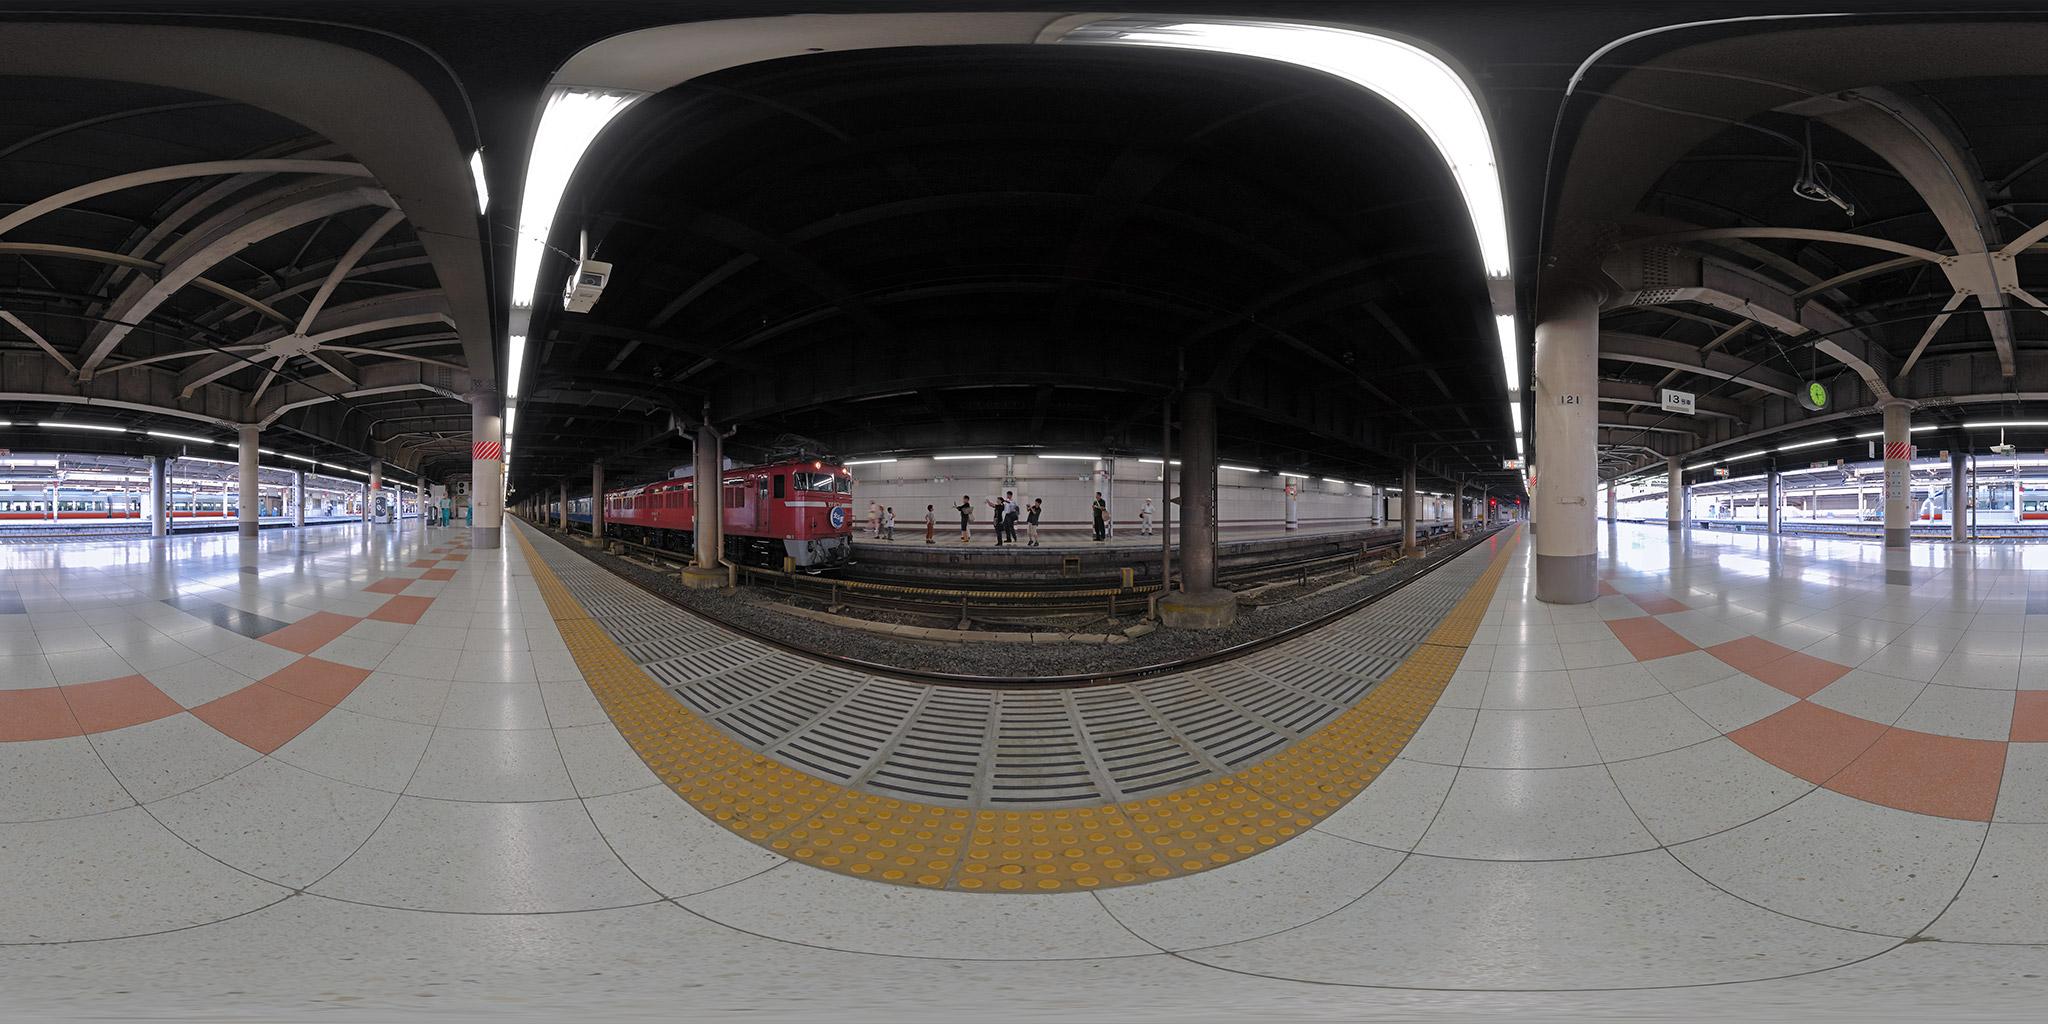 上野駅を出発する臨時列車「北斗星81号」